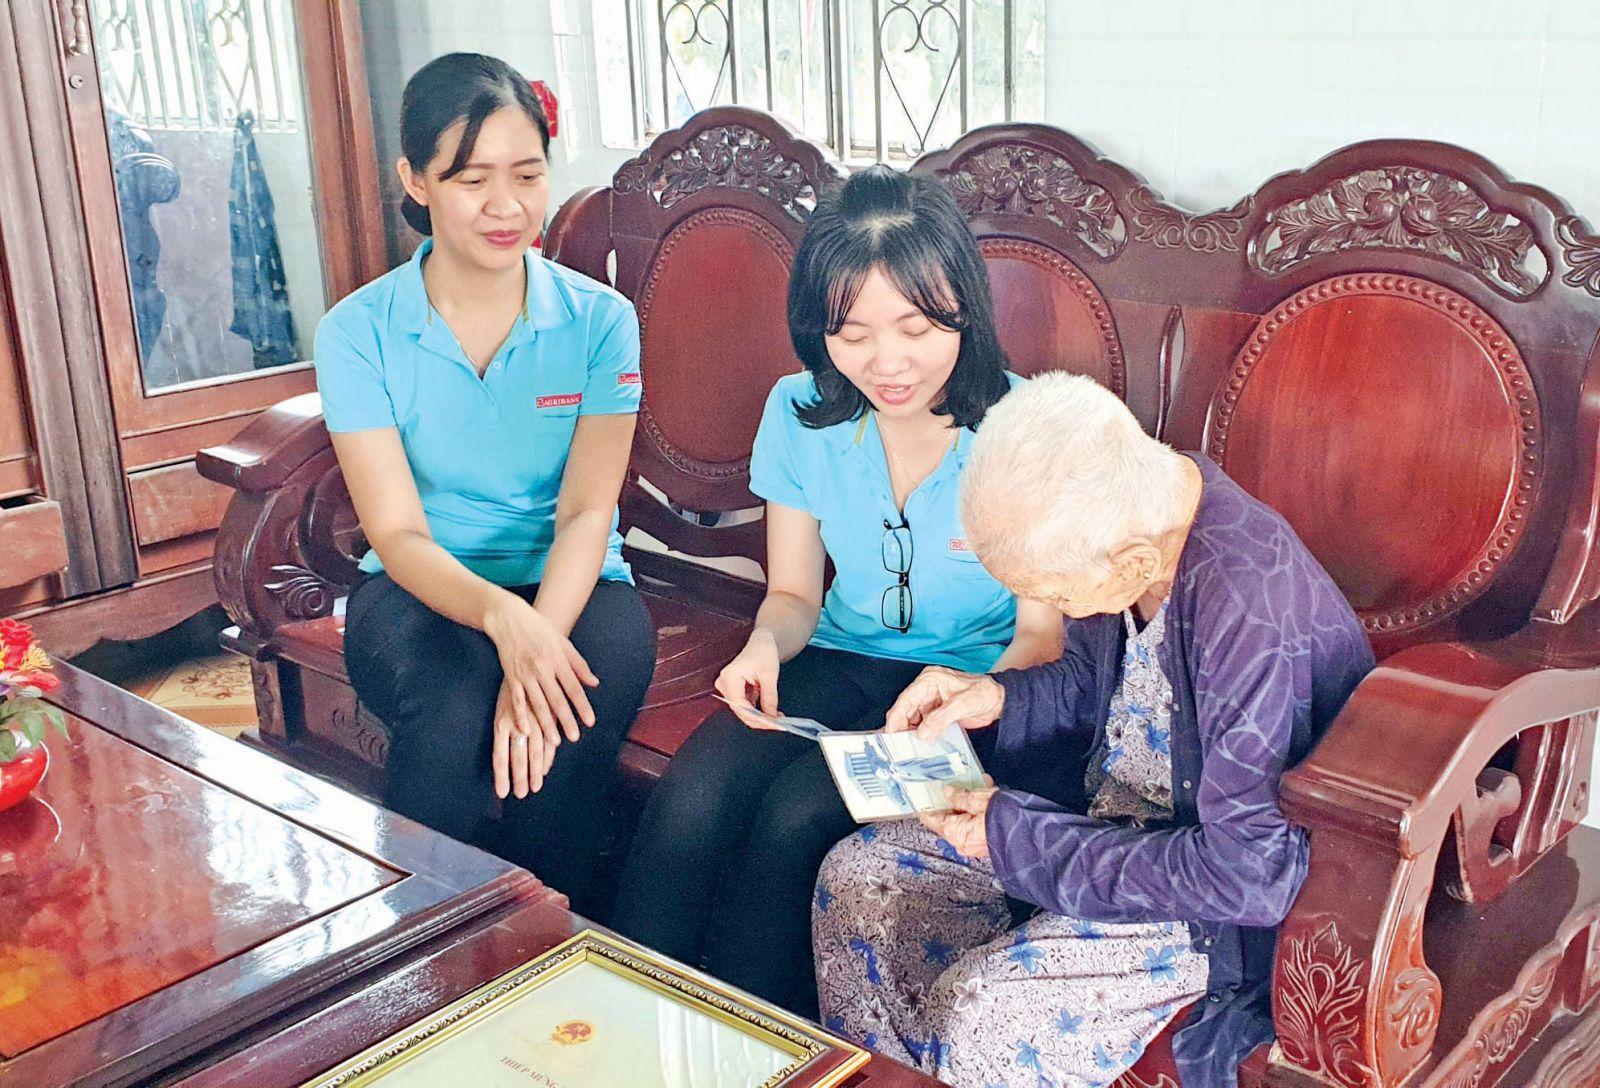 Đoàn cơ sở Agribank quan tâm tổ chức các hoạt động thăm hỏi, phụng dưỡng Mẹ Việt Nam Anh hùng ở huyện Châu Thành hàng quí và những ngày lễ lớn